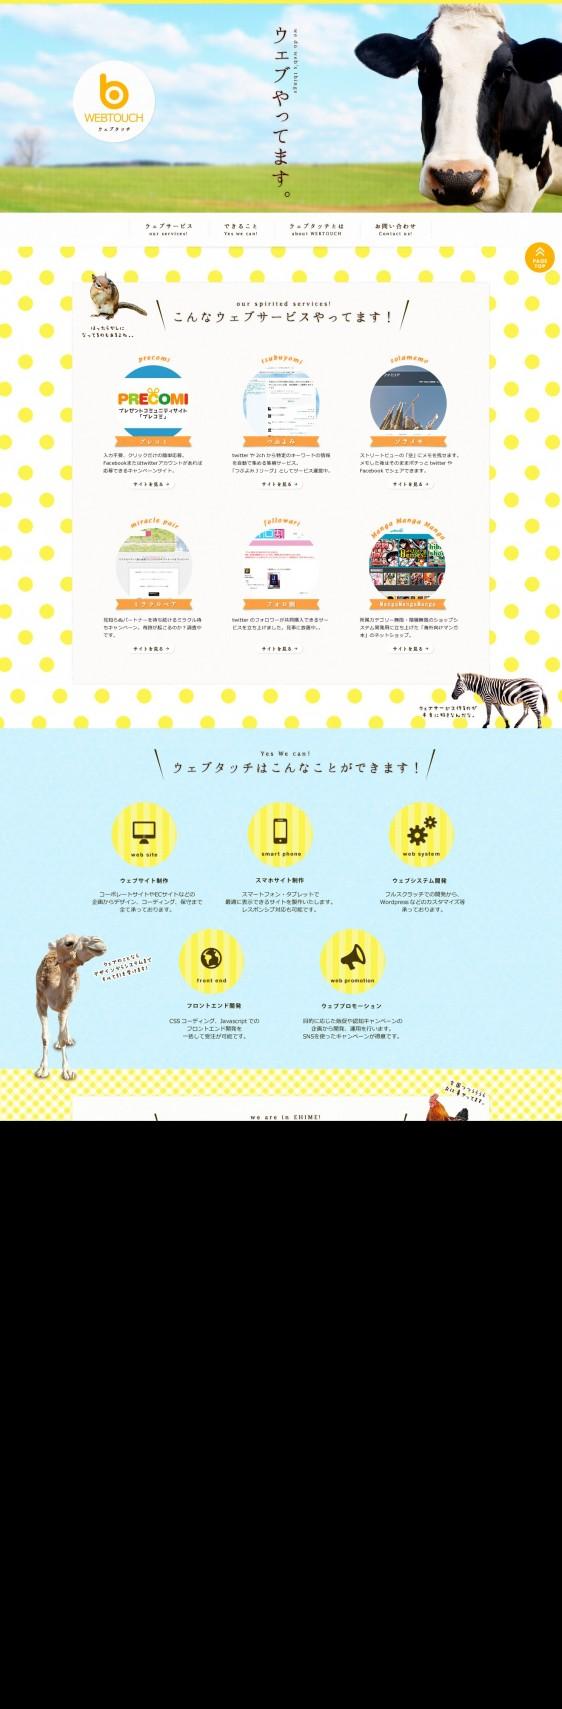 愛媛県松山市でWEBサイト ホームページの制作ならWEBTOUCH